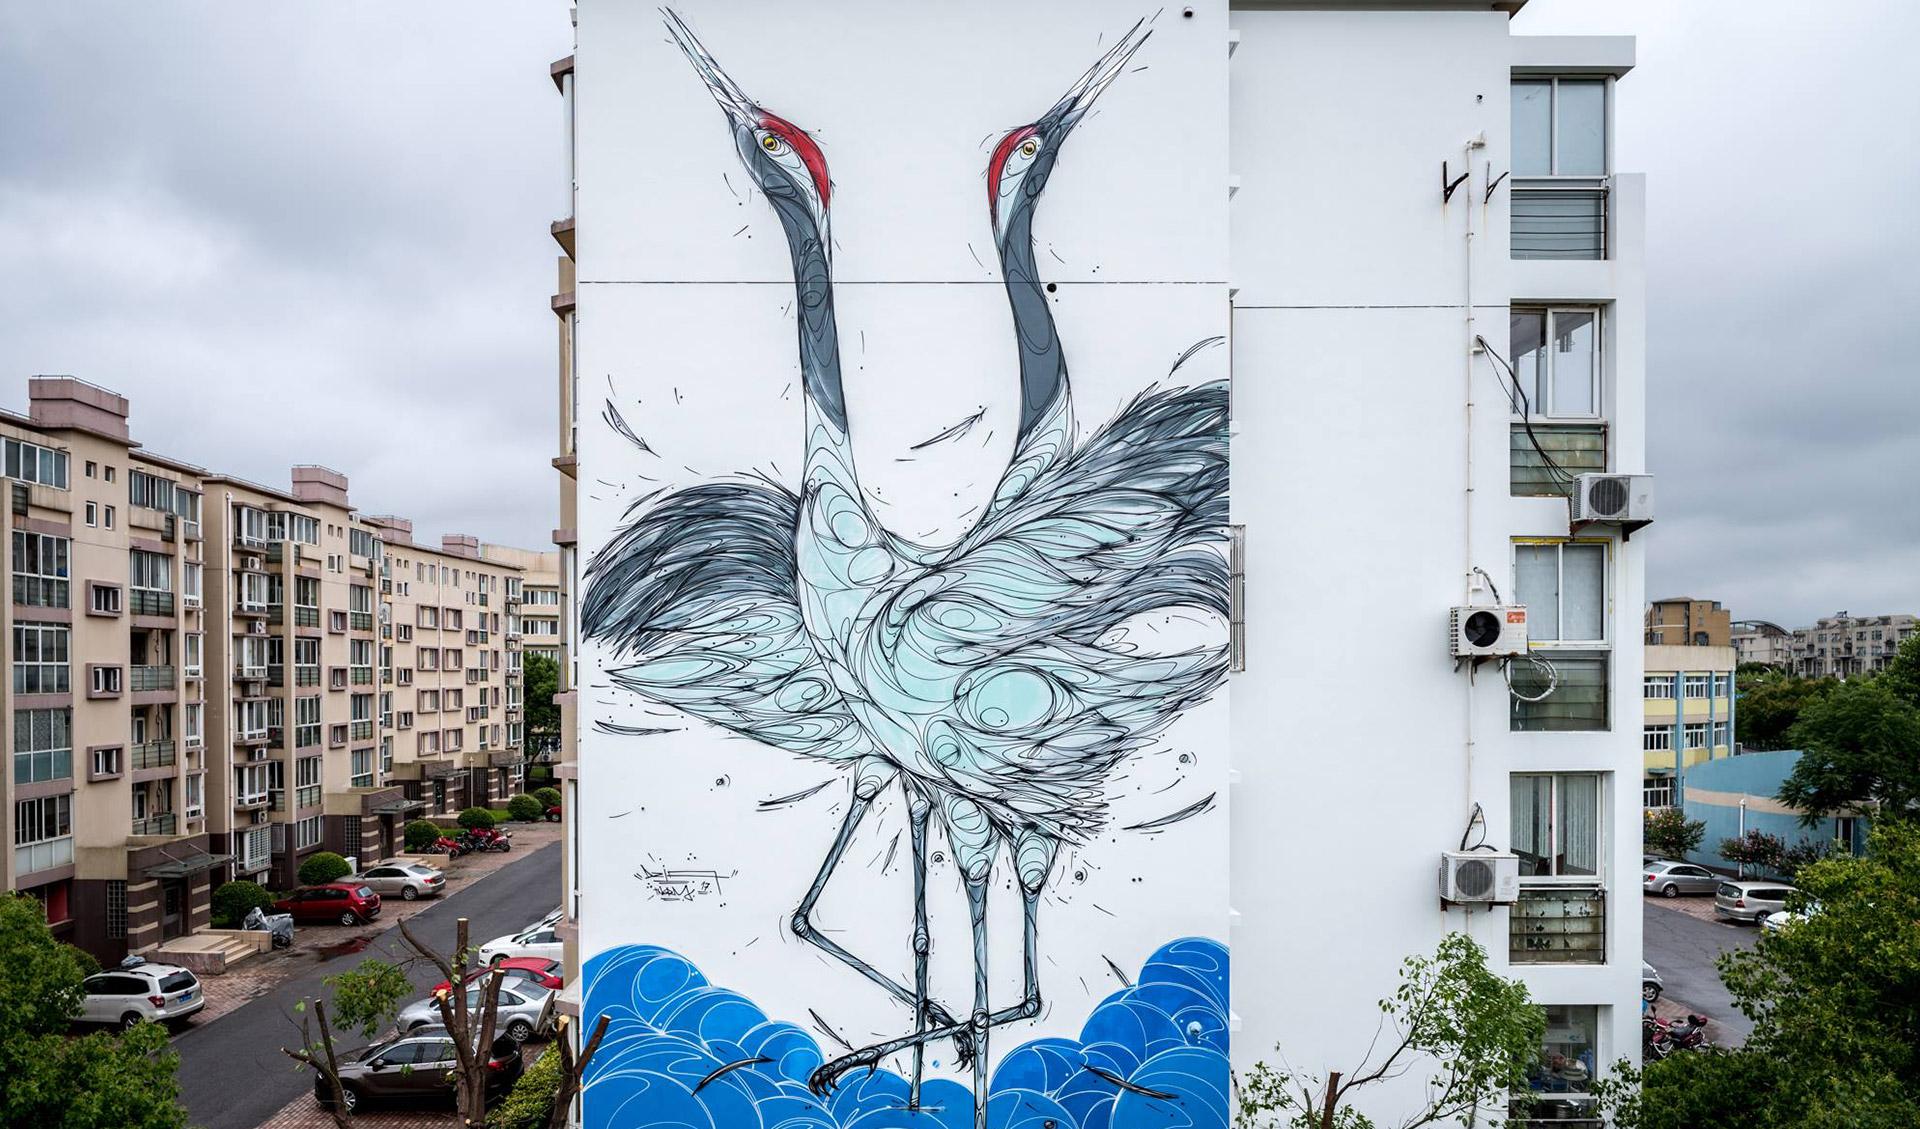 Présentation de l'artiste DZIA Art Station 2018 Montpellier Corum Affiches Art Station 2018